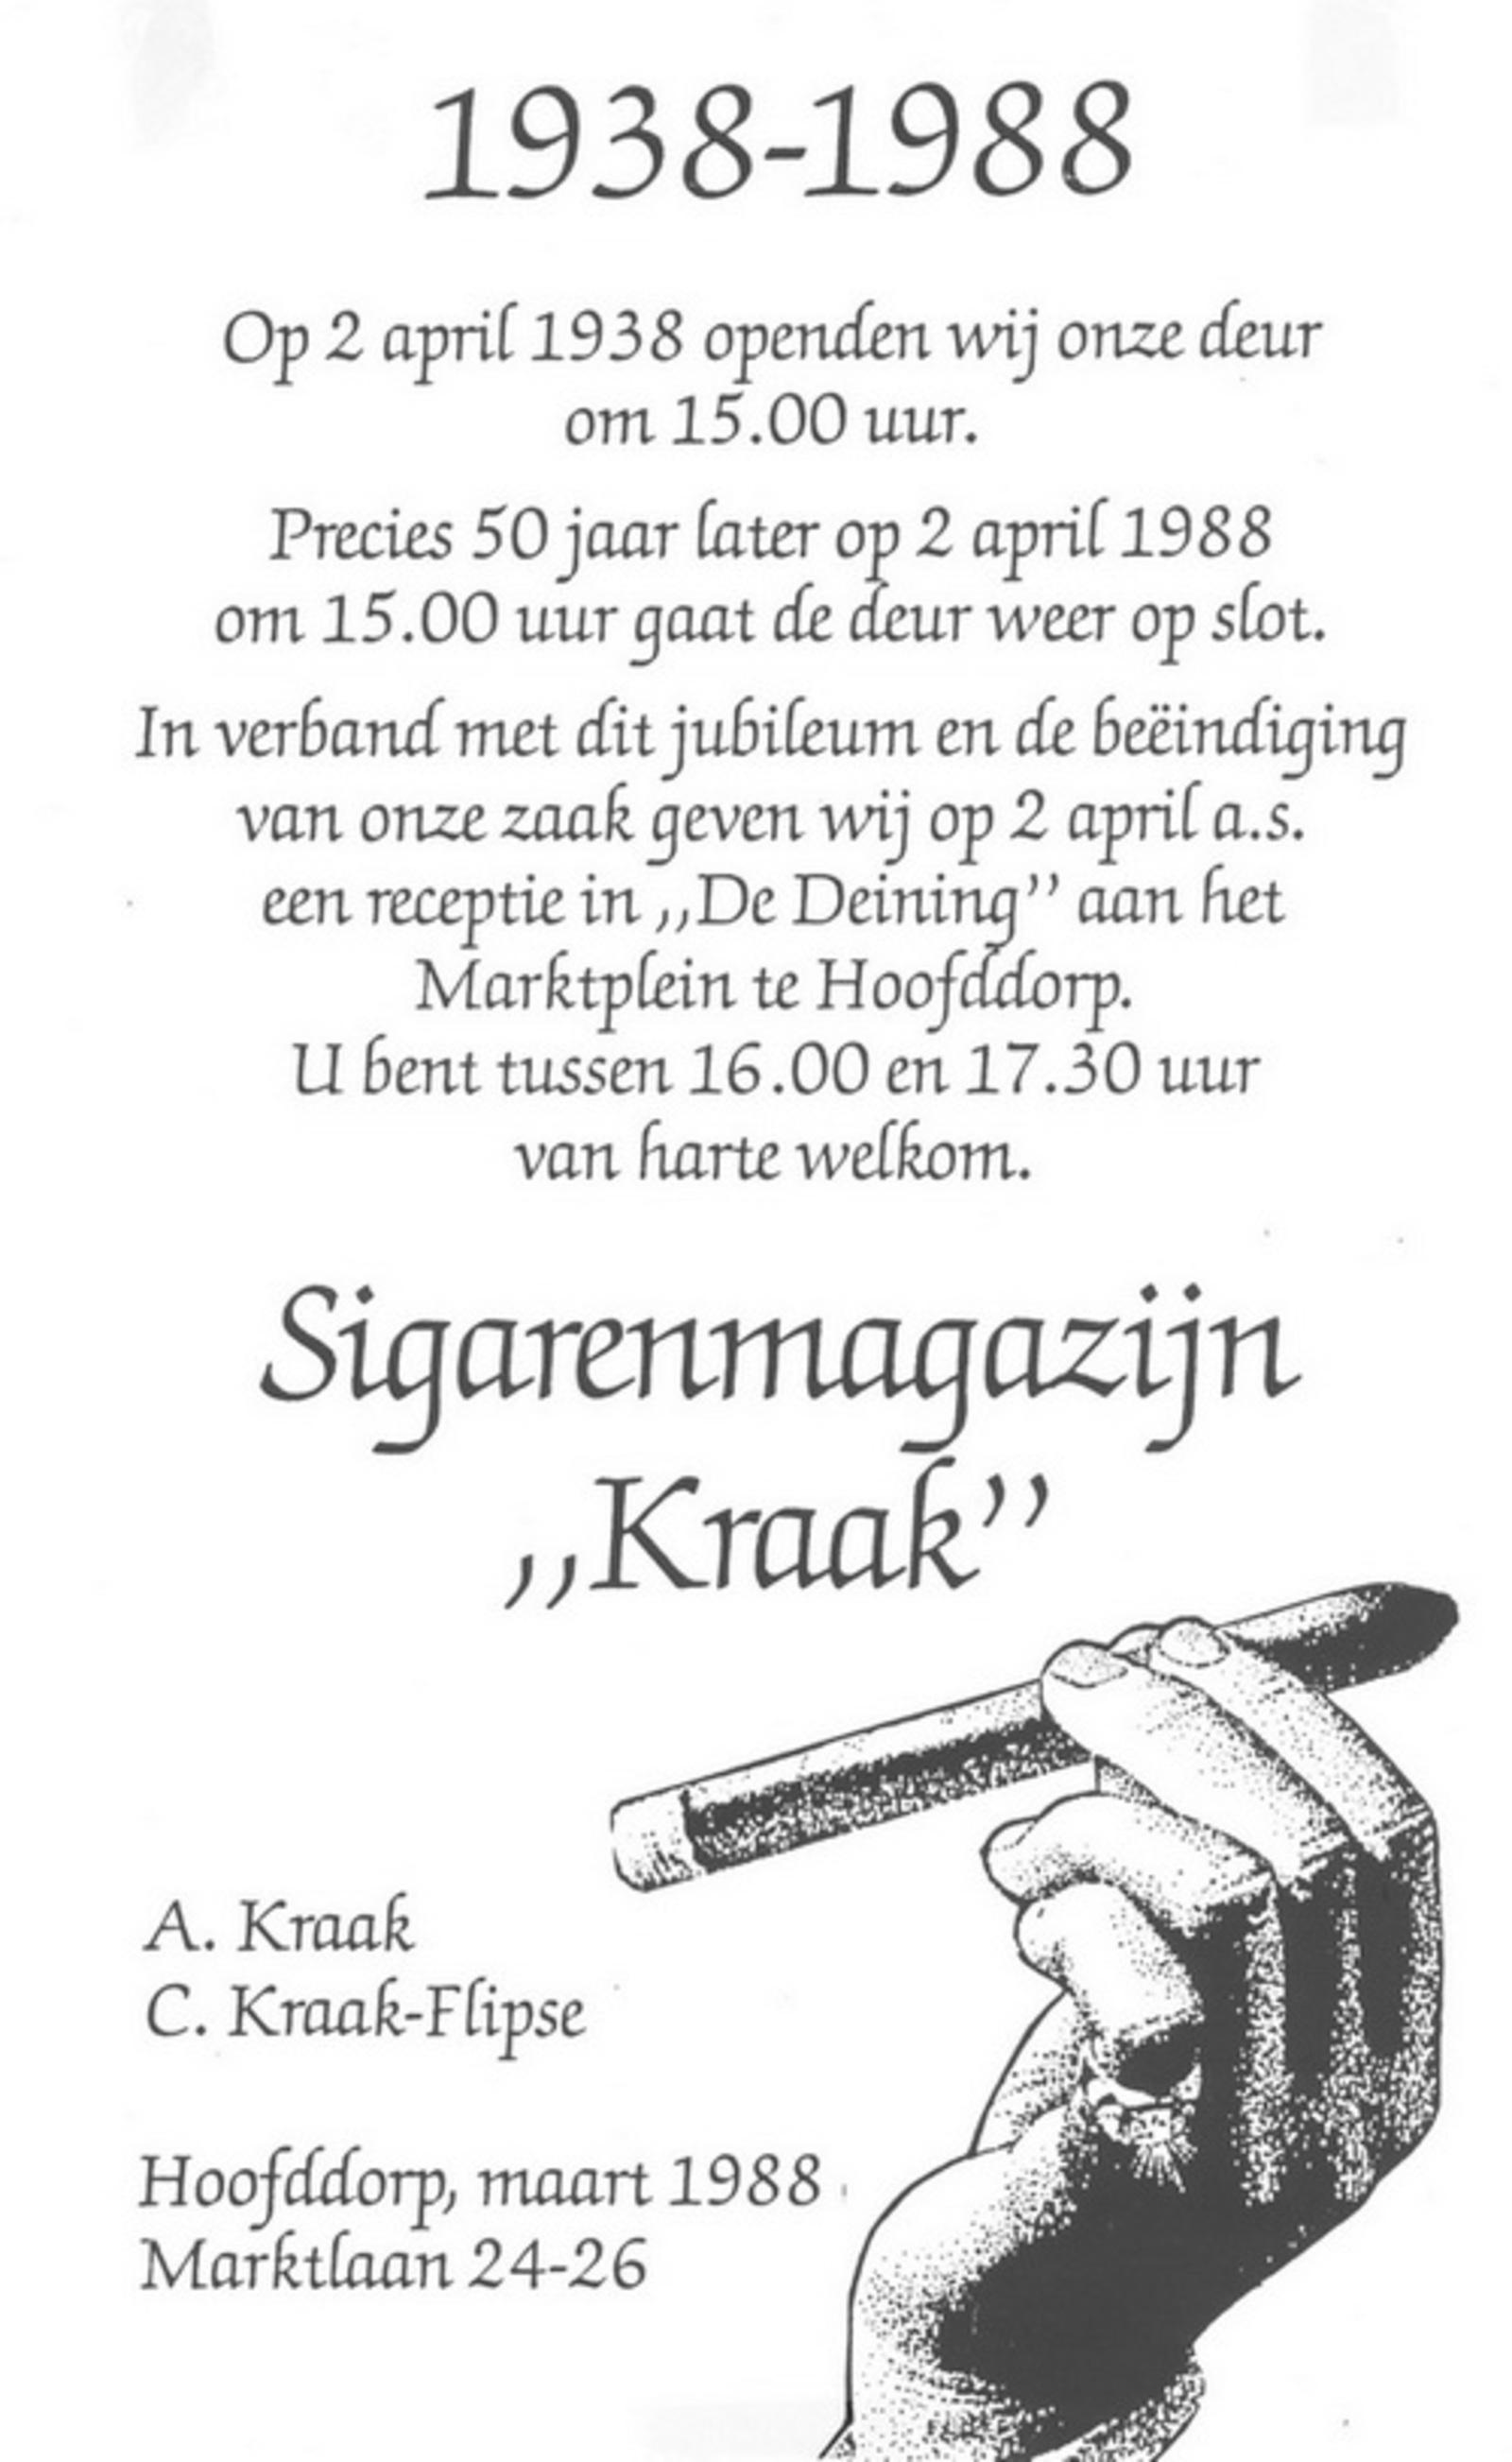 Marktlaan O 0022 1988 Sigarenboer Kraak 50jr Jub en Sluiting 04